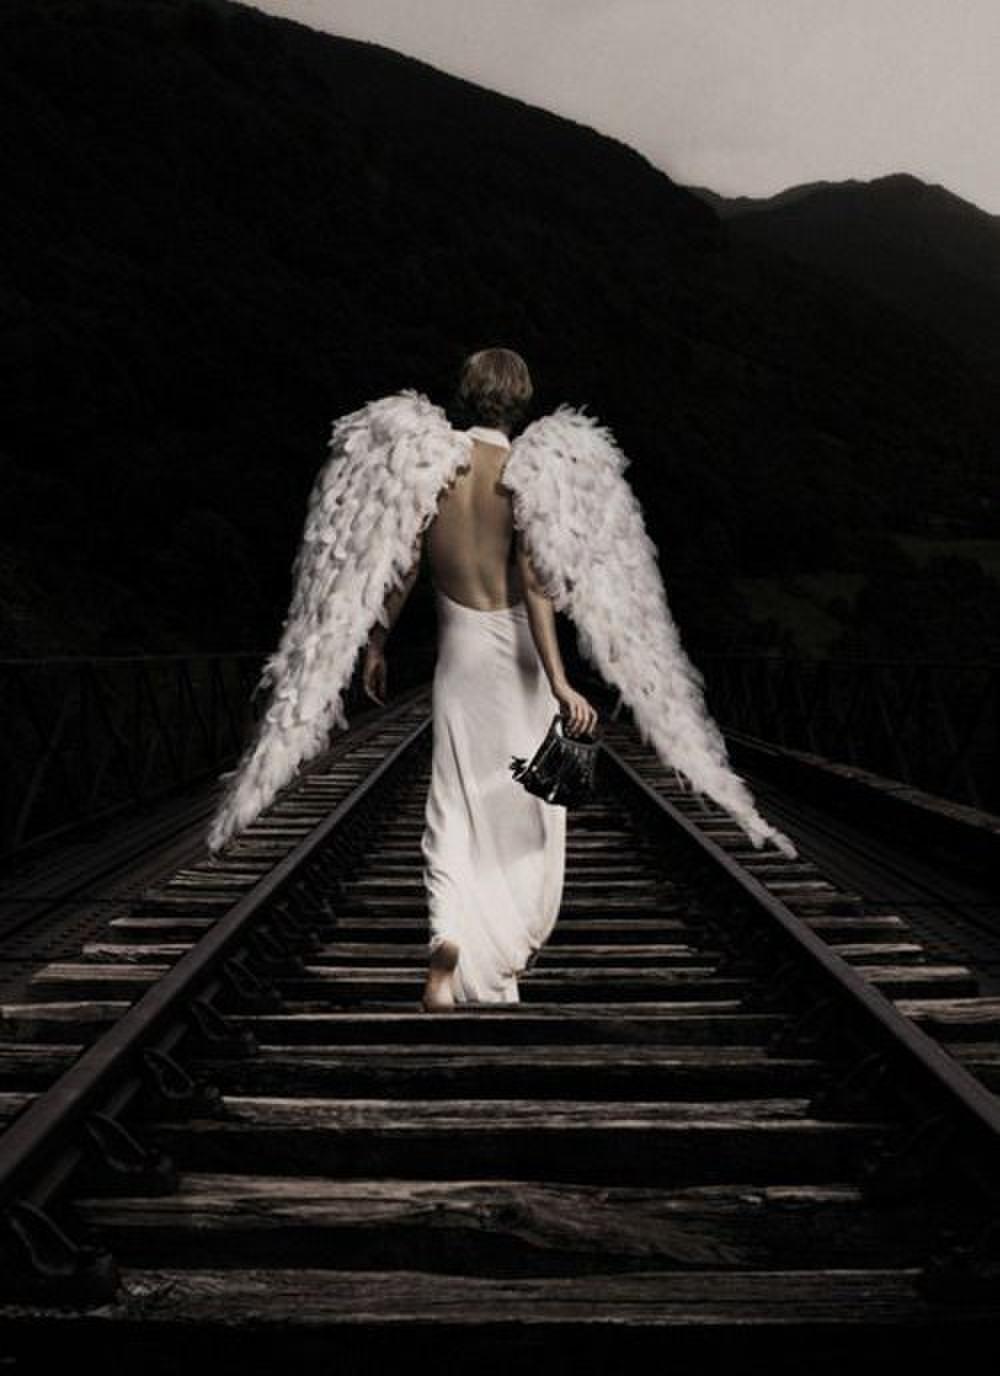 Фото Девушка в белом платье с крыльями ангела уходит по шпалам